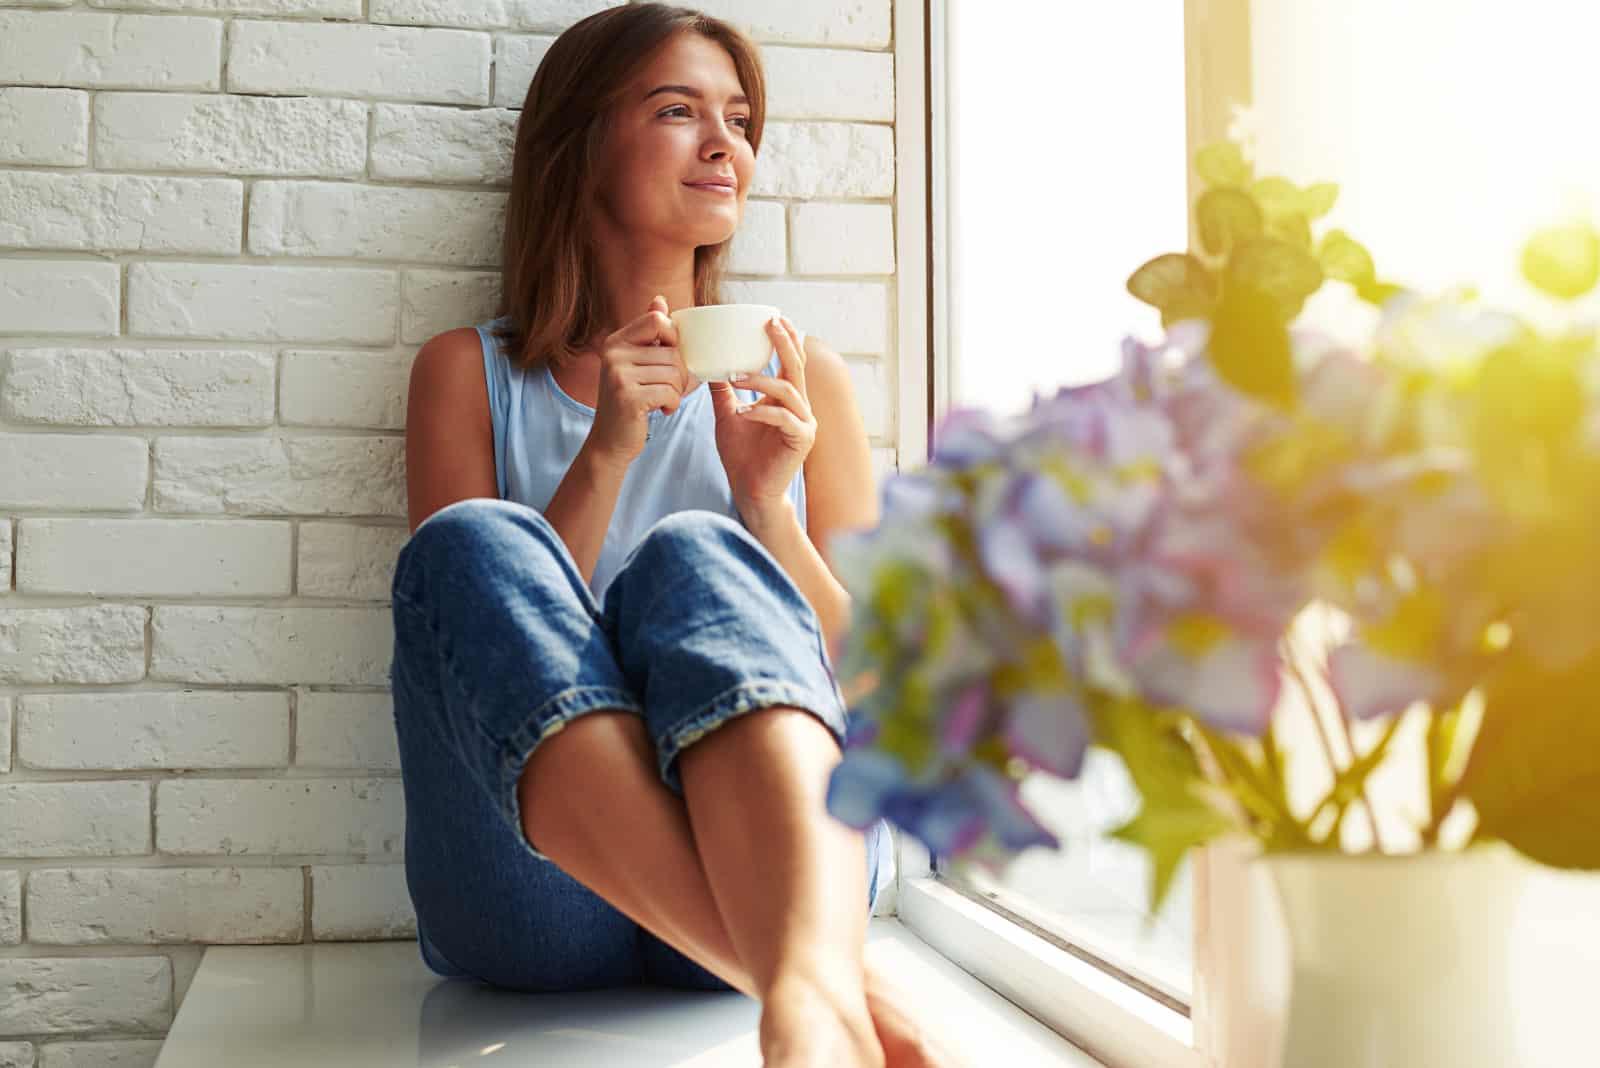 ein Mädchen, das am Fenster sitzt und Kaffee trinkt